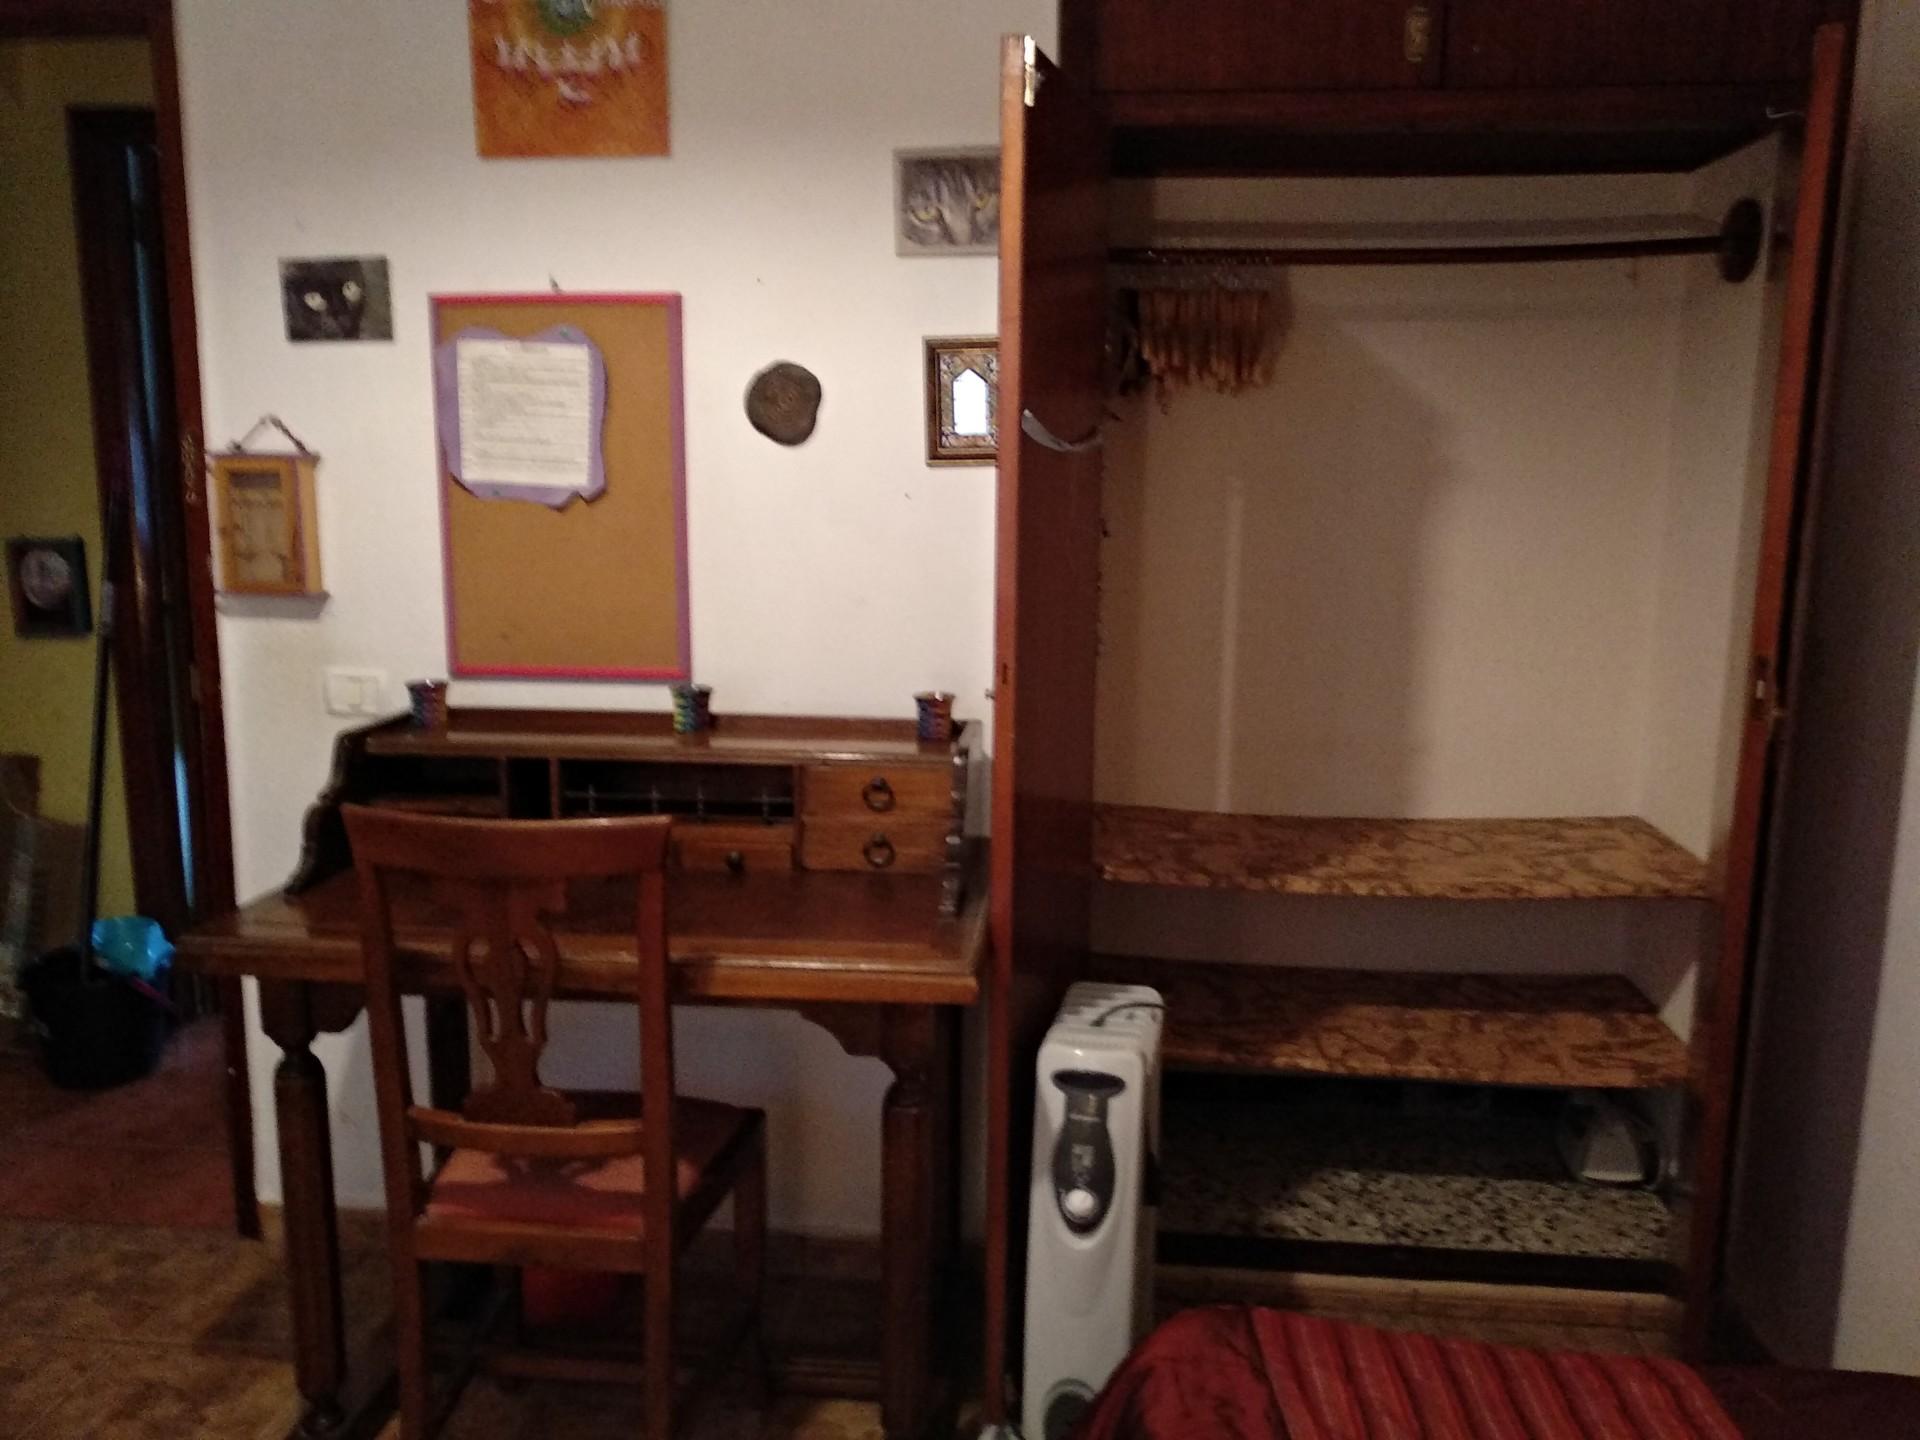 Se   alquila  habitacion cama individual,armario empotrado,telev